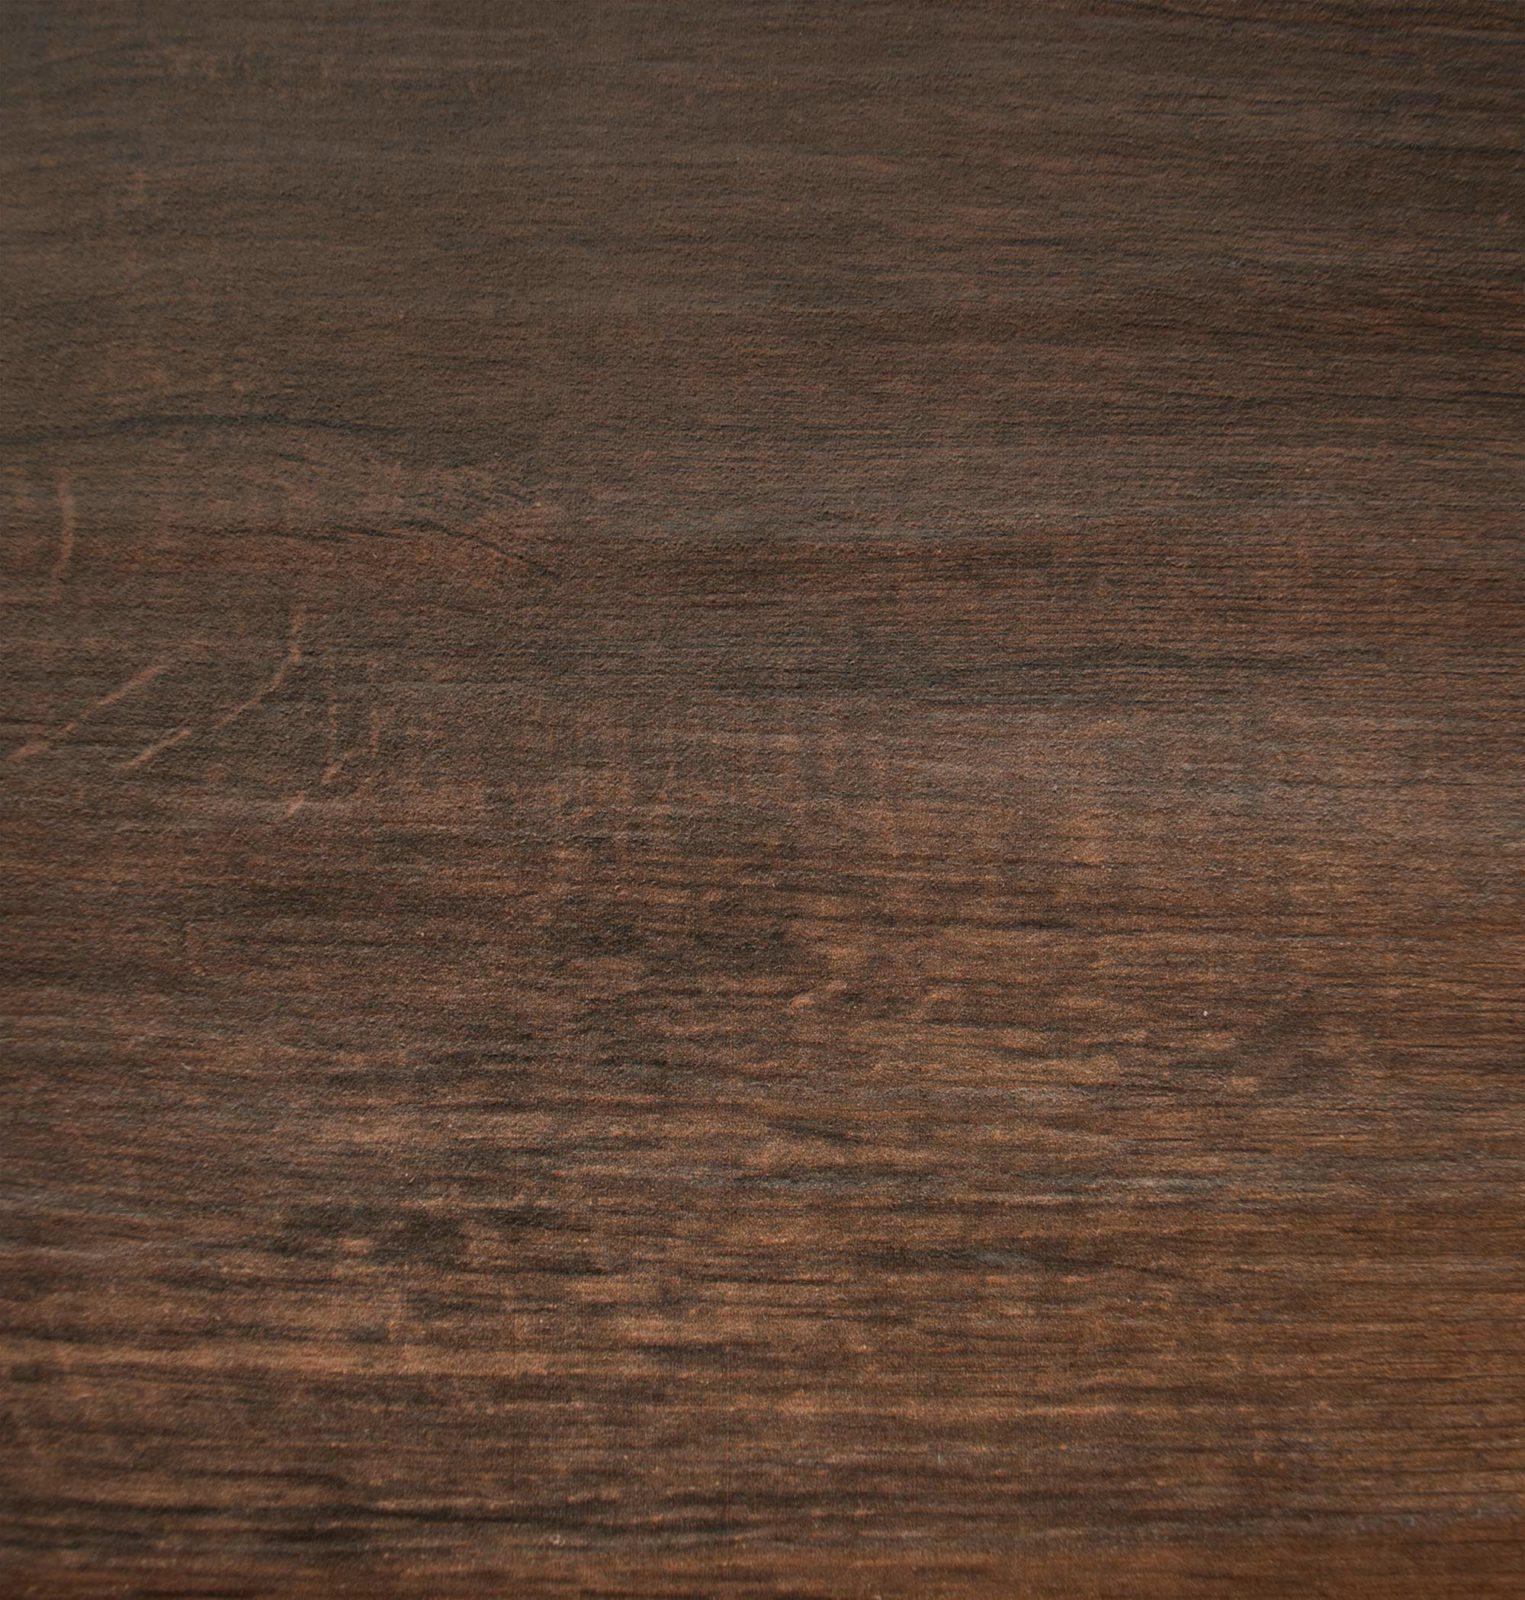 Daltile Emblem Brown Ceramic Tile 7 Quot X 20 Quot Schillings